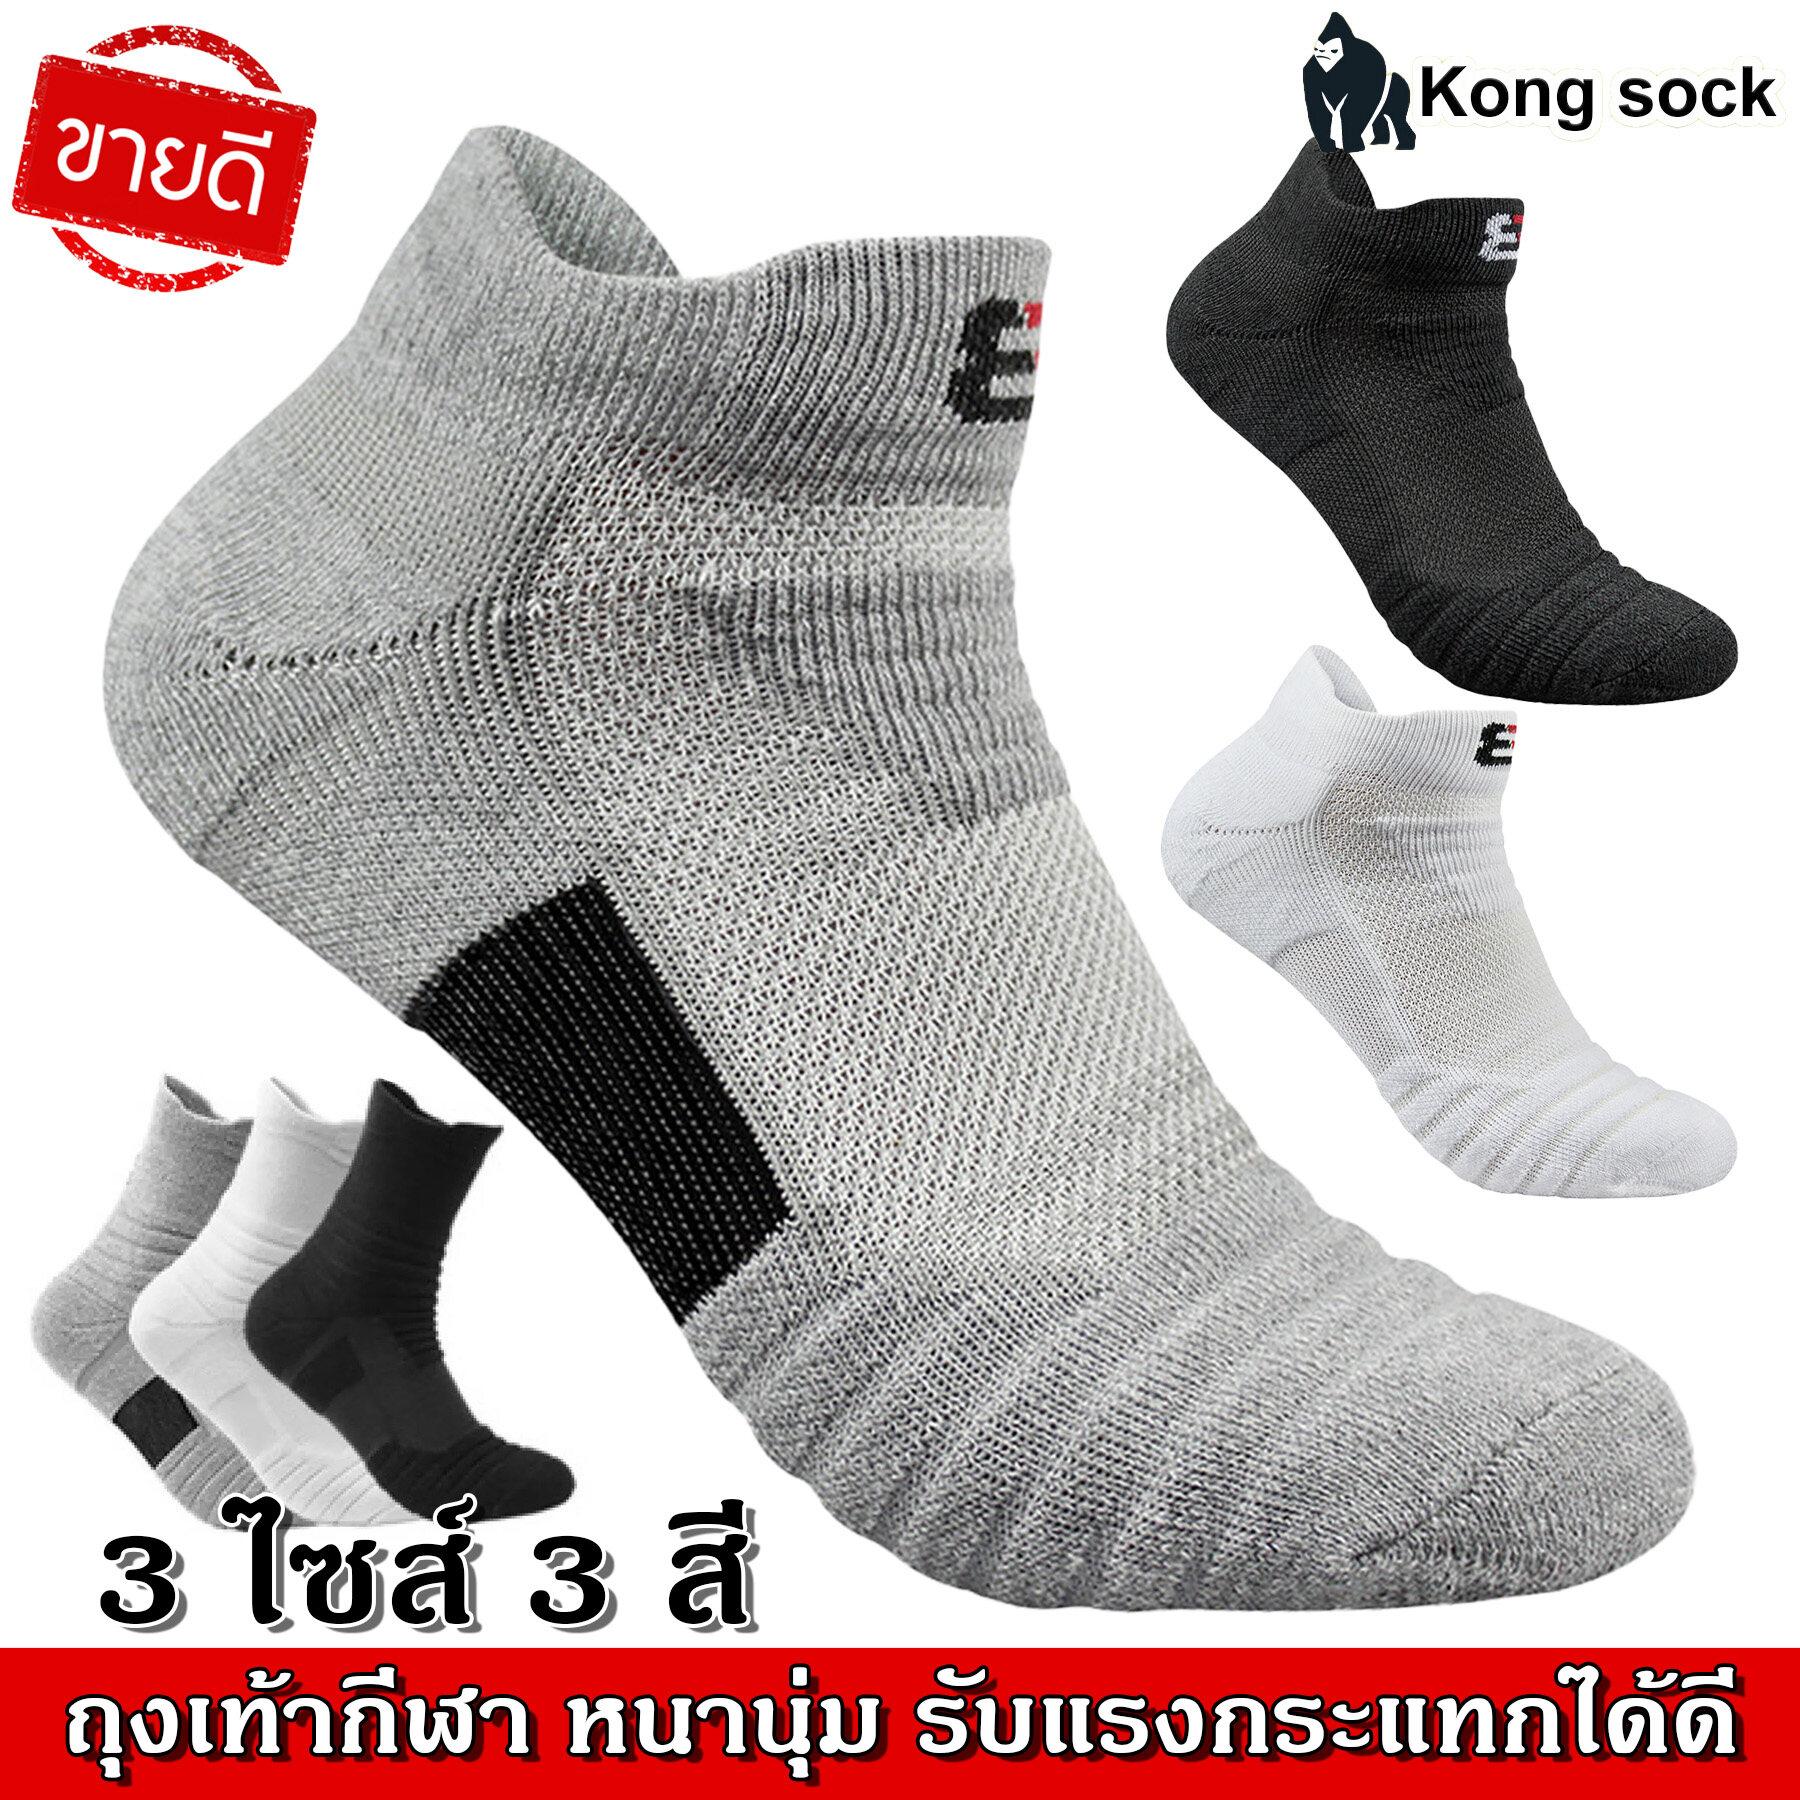 ถุงเท้ากีฬา ถุงเท้าวิ่ง แบบหนานุ่ม ระบายอากาศได้ดี รับแรงกระแทกได้ดี ช่วยลดอาการบาดเจ็บ ถุงเท้าบาส ถุงเท้าเทนนิส ถุงเท้าออกกำลังกาย.